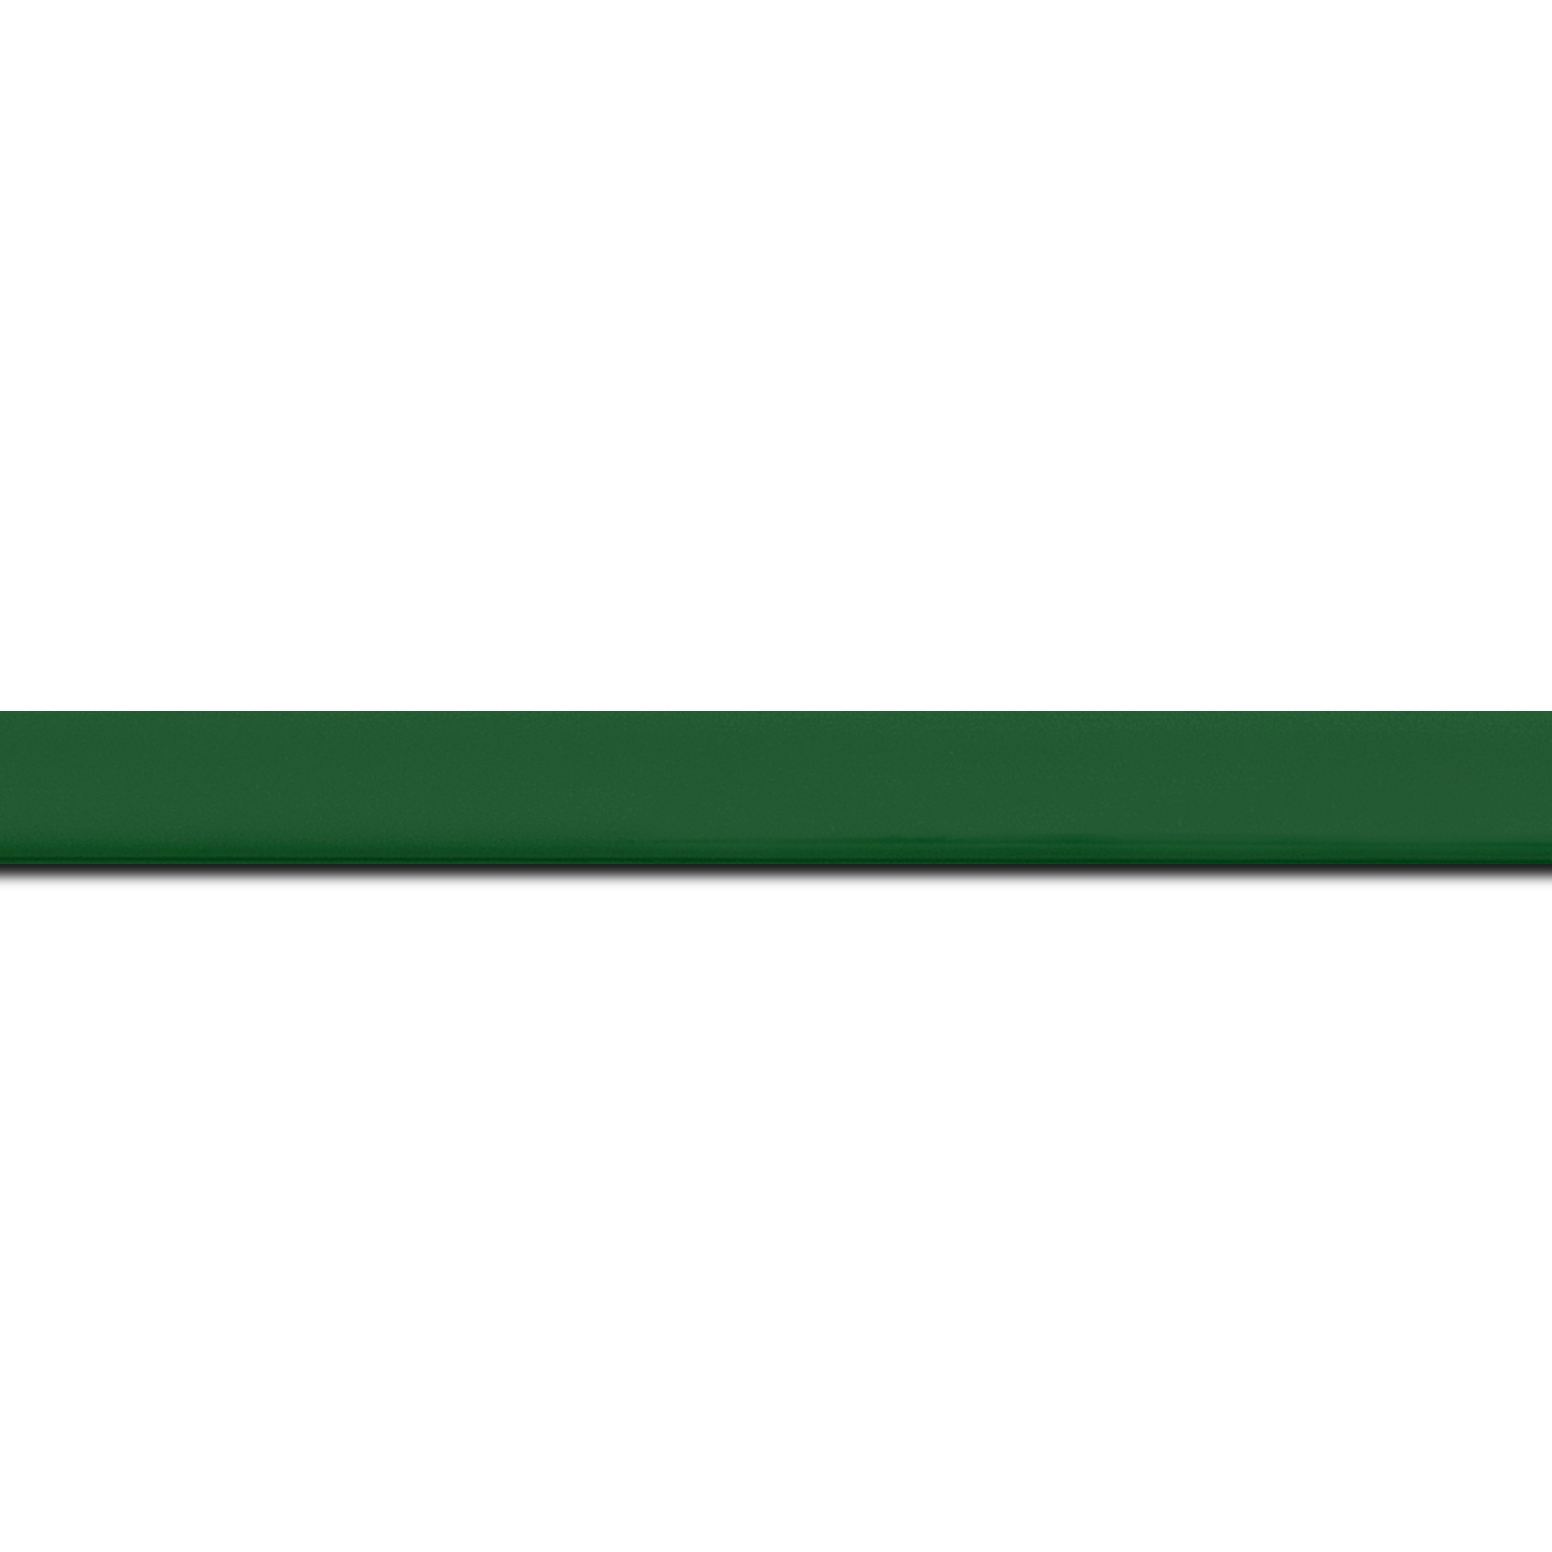 Pack par 12m, bois profil méplat largeur 1.4cm couleur vert anglais laqué (longueur baguette pouvant varier entre 2.40m et 3m selon arrivage des bois)